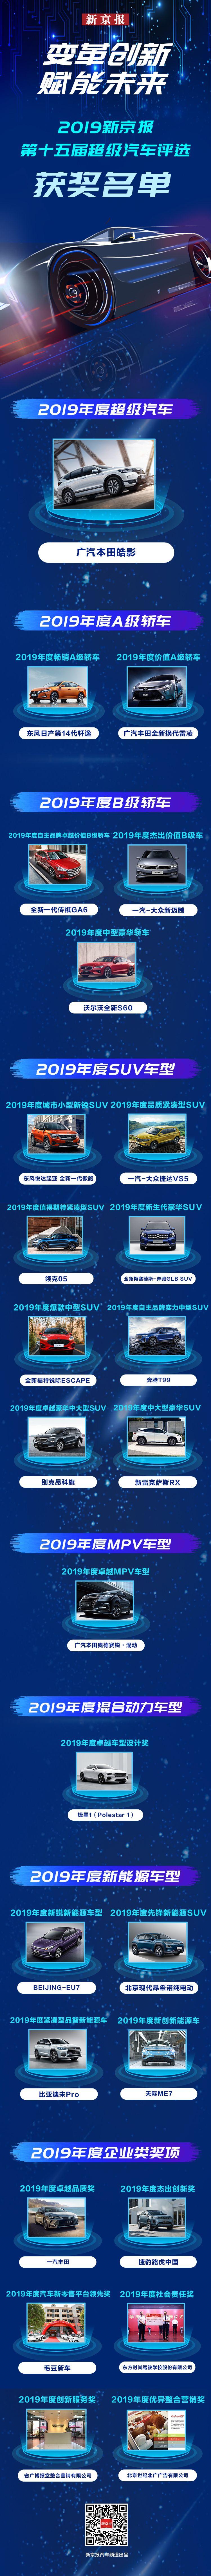 新京报2019第十五届超级汽车奖项揭晓图片